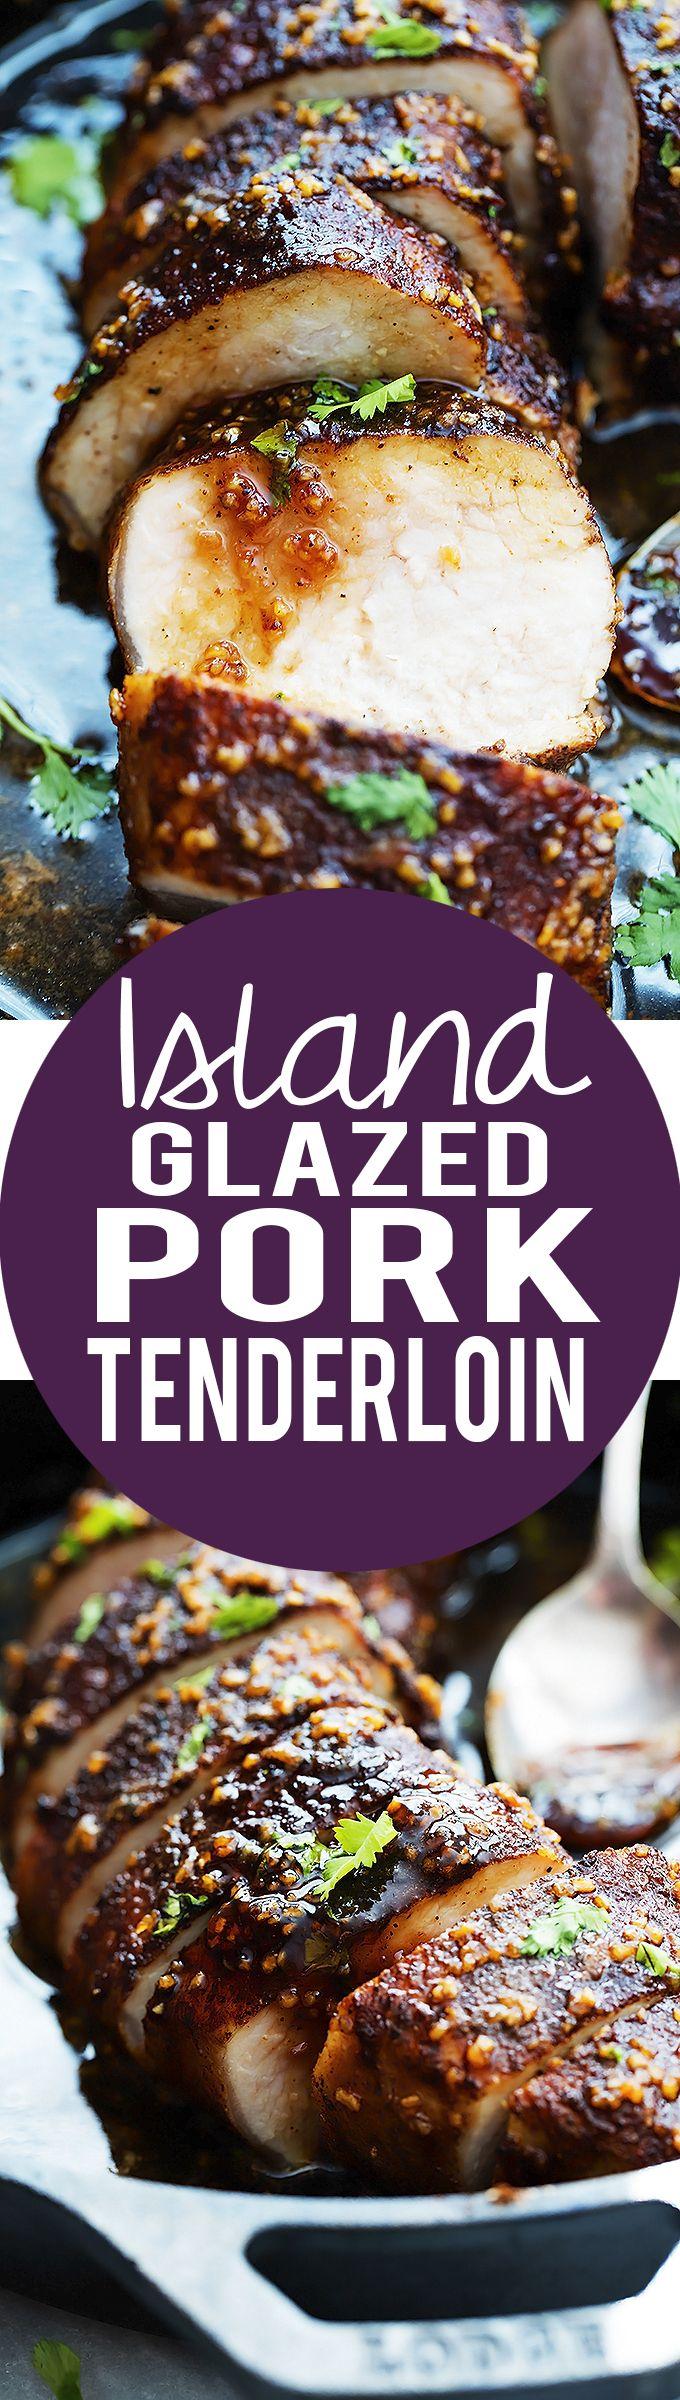 The best pork tenderloin recipes oven